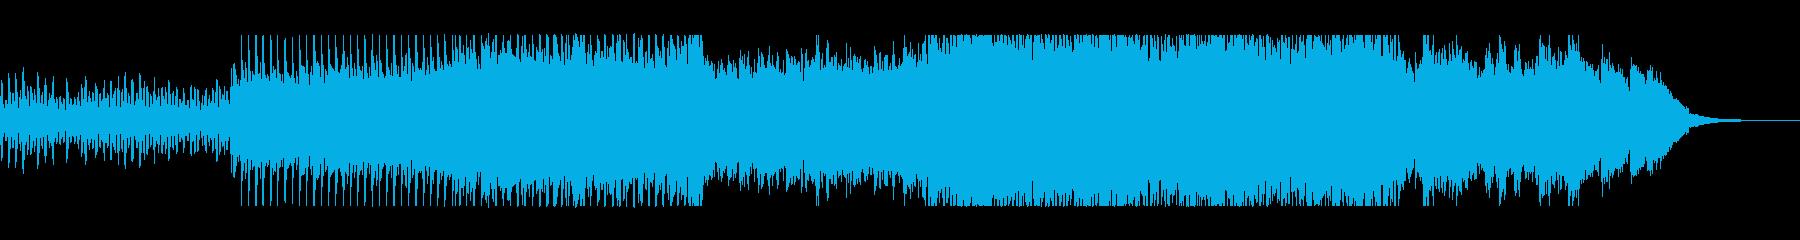 壮大で豪華なシンセ打楽器サウンドの再生済みの波形